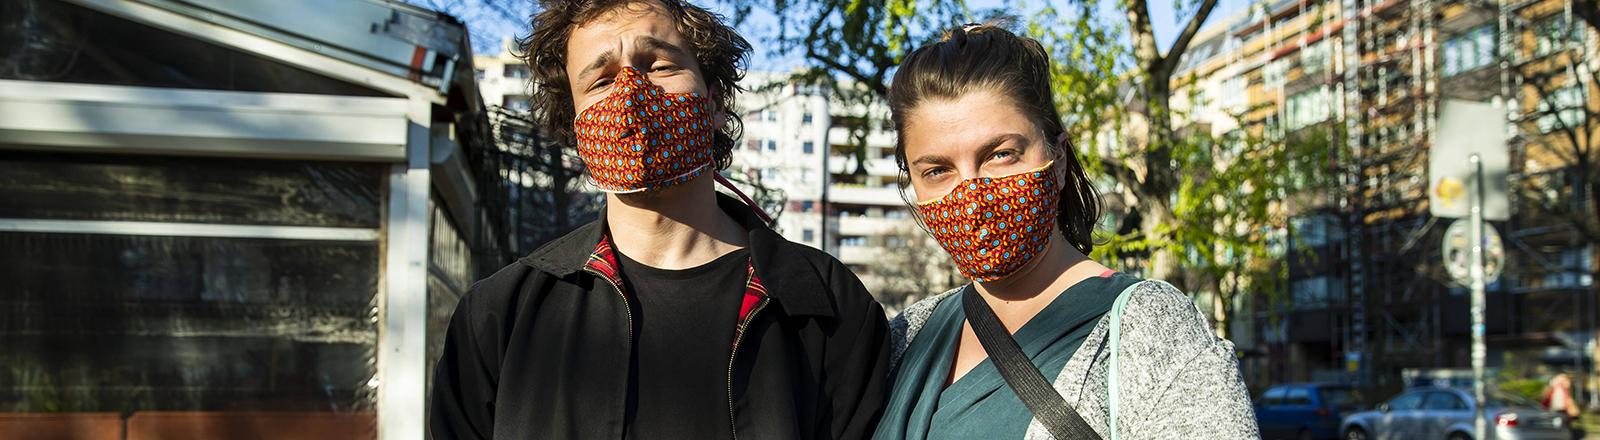 Zwei Personen mit Mund-Nase-Masken schauen in die Kamera.